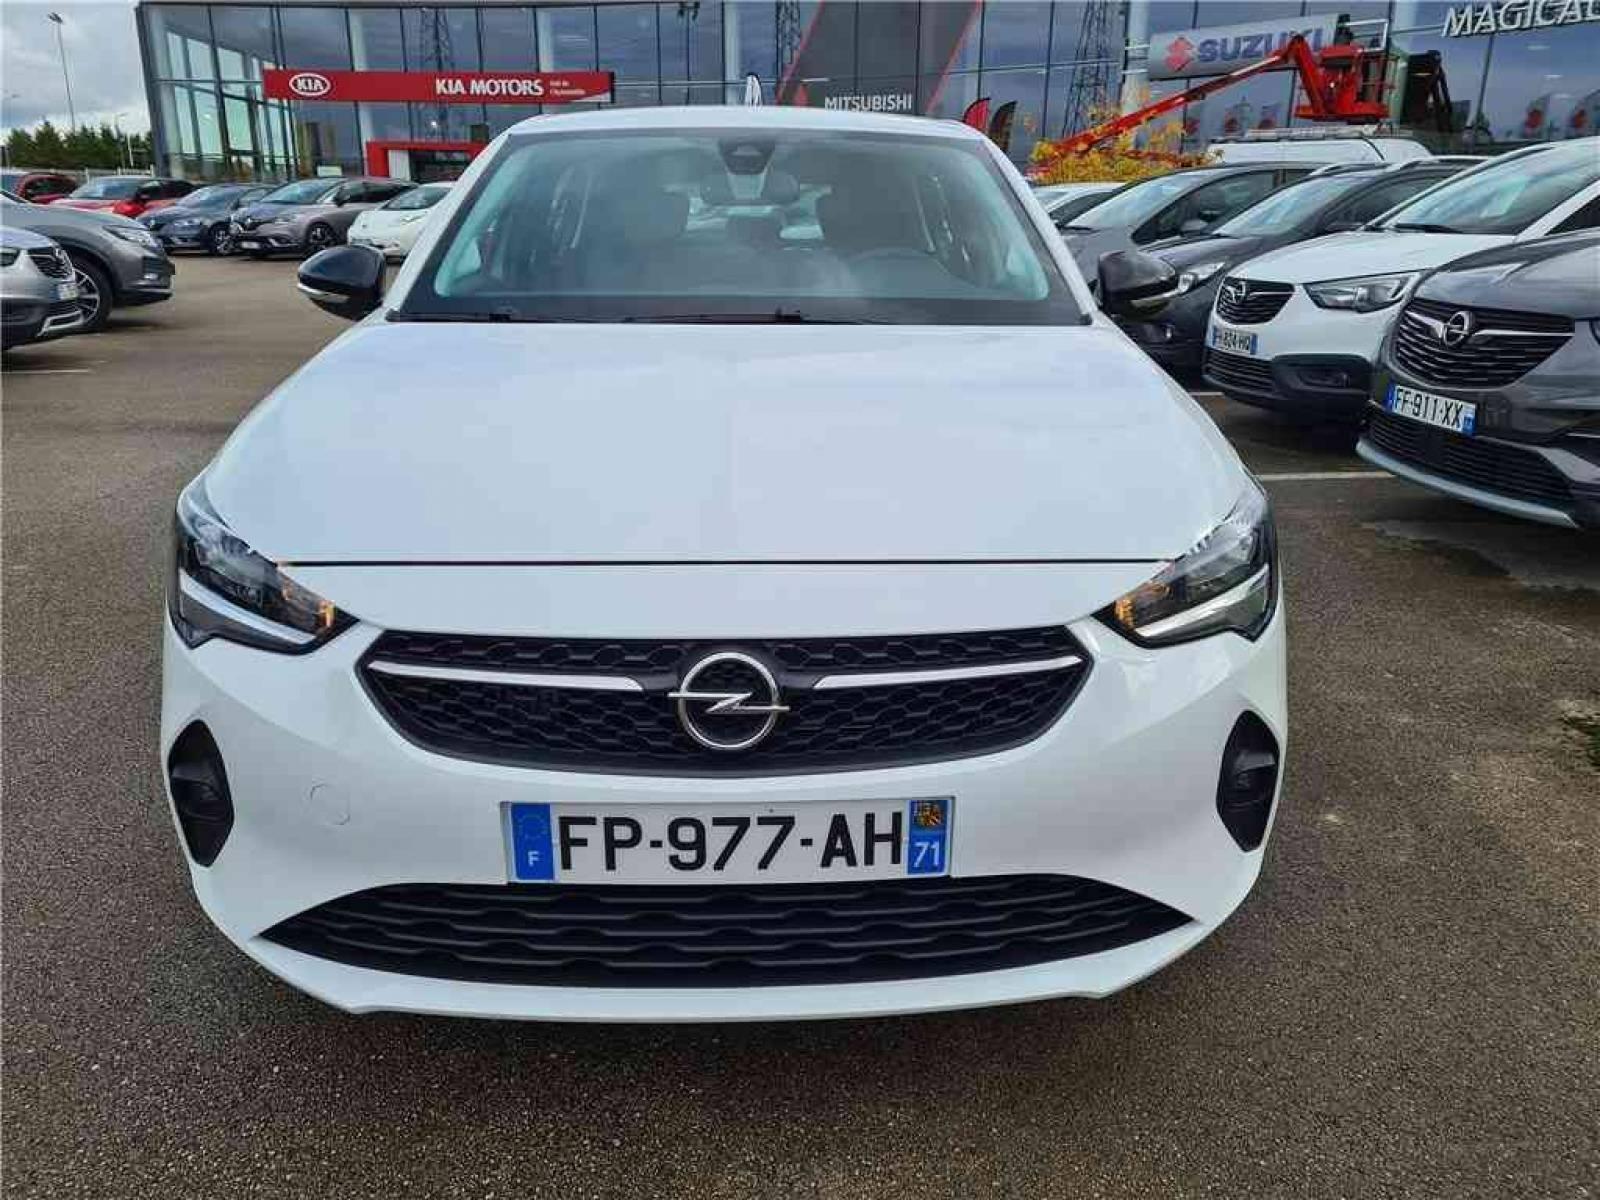 OPEL Corsa 1.5 Diesel 100 ch BVM6 - véhicule d'occasion - Groupe Guillet - Opel Magicauto - Chalon-sur-Saône - 71380 - Saint-Marcel - 10